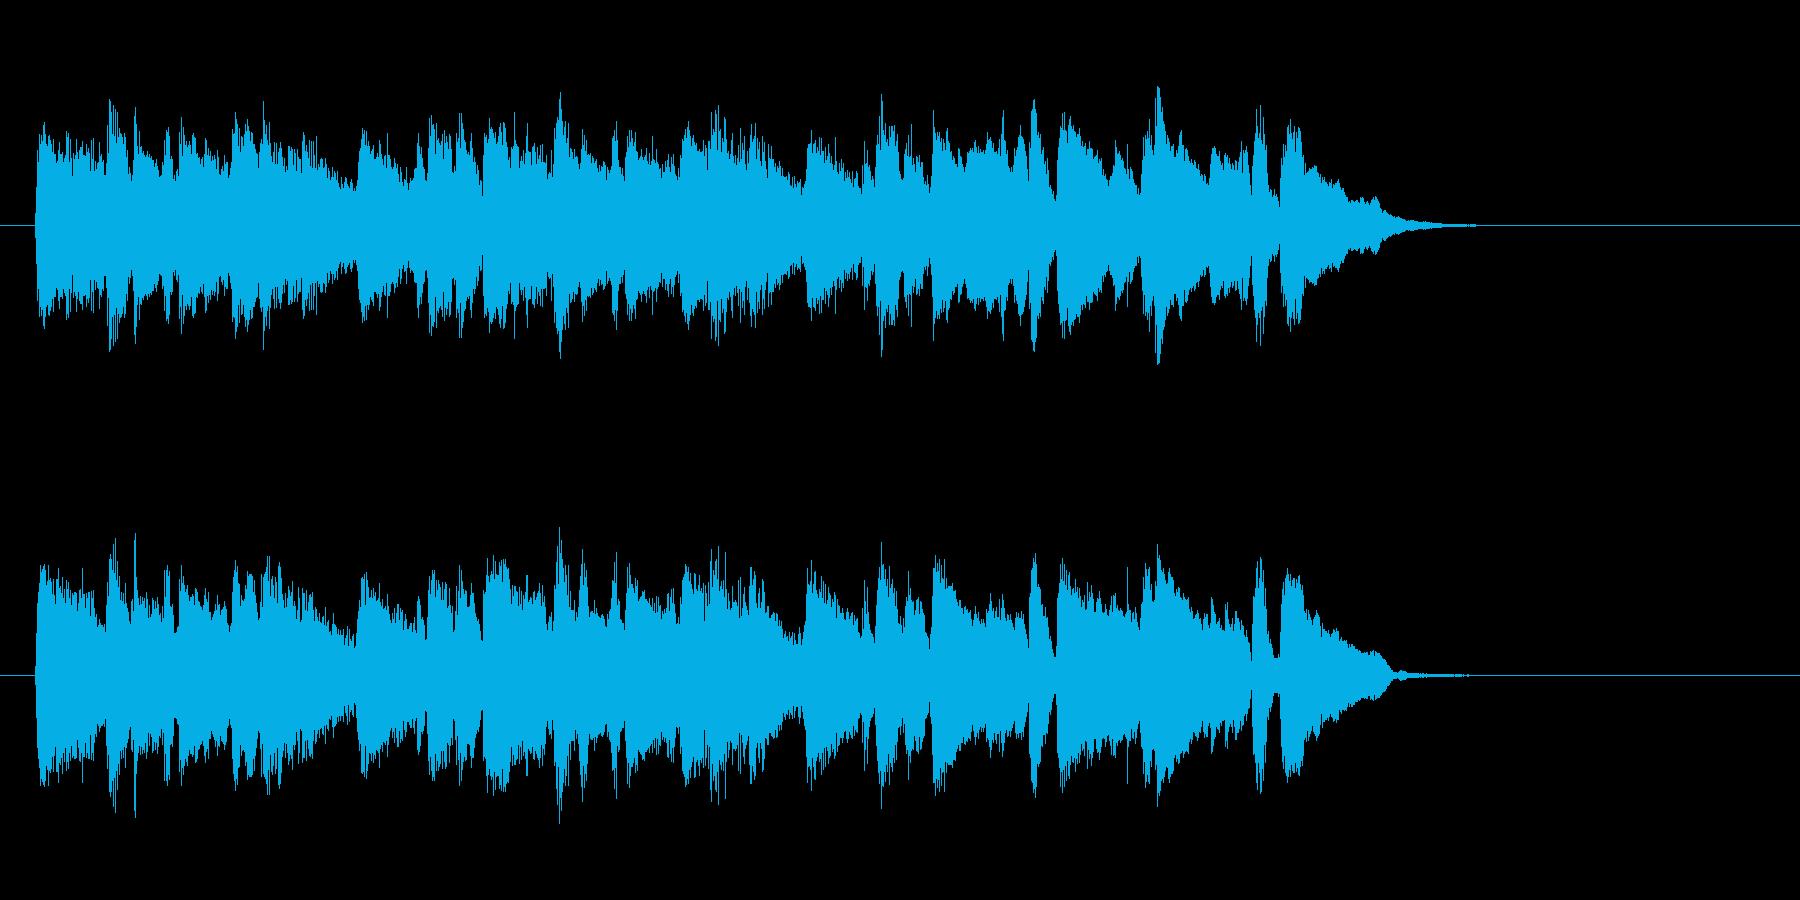 安心感ある暖かいバラード(イントロ)の再生済みの波形